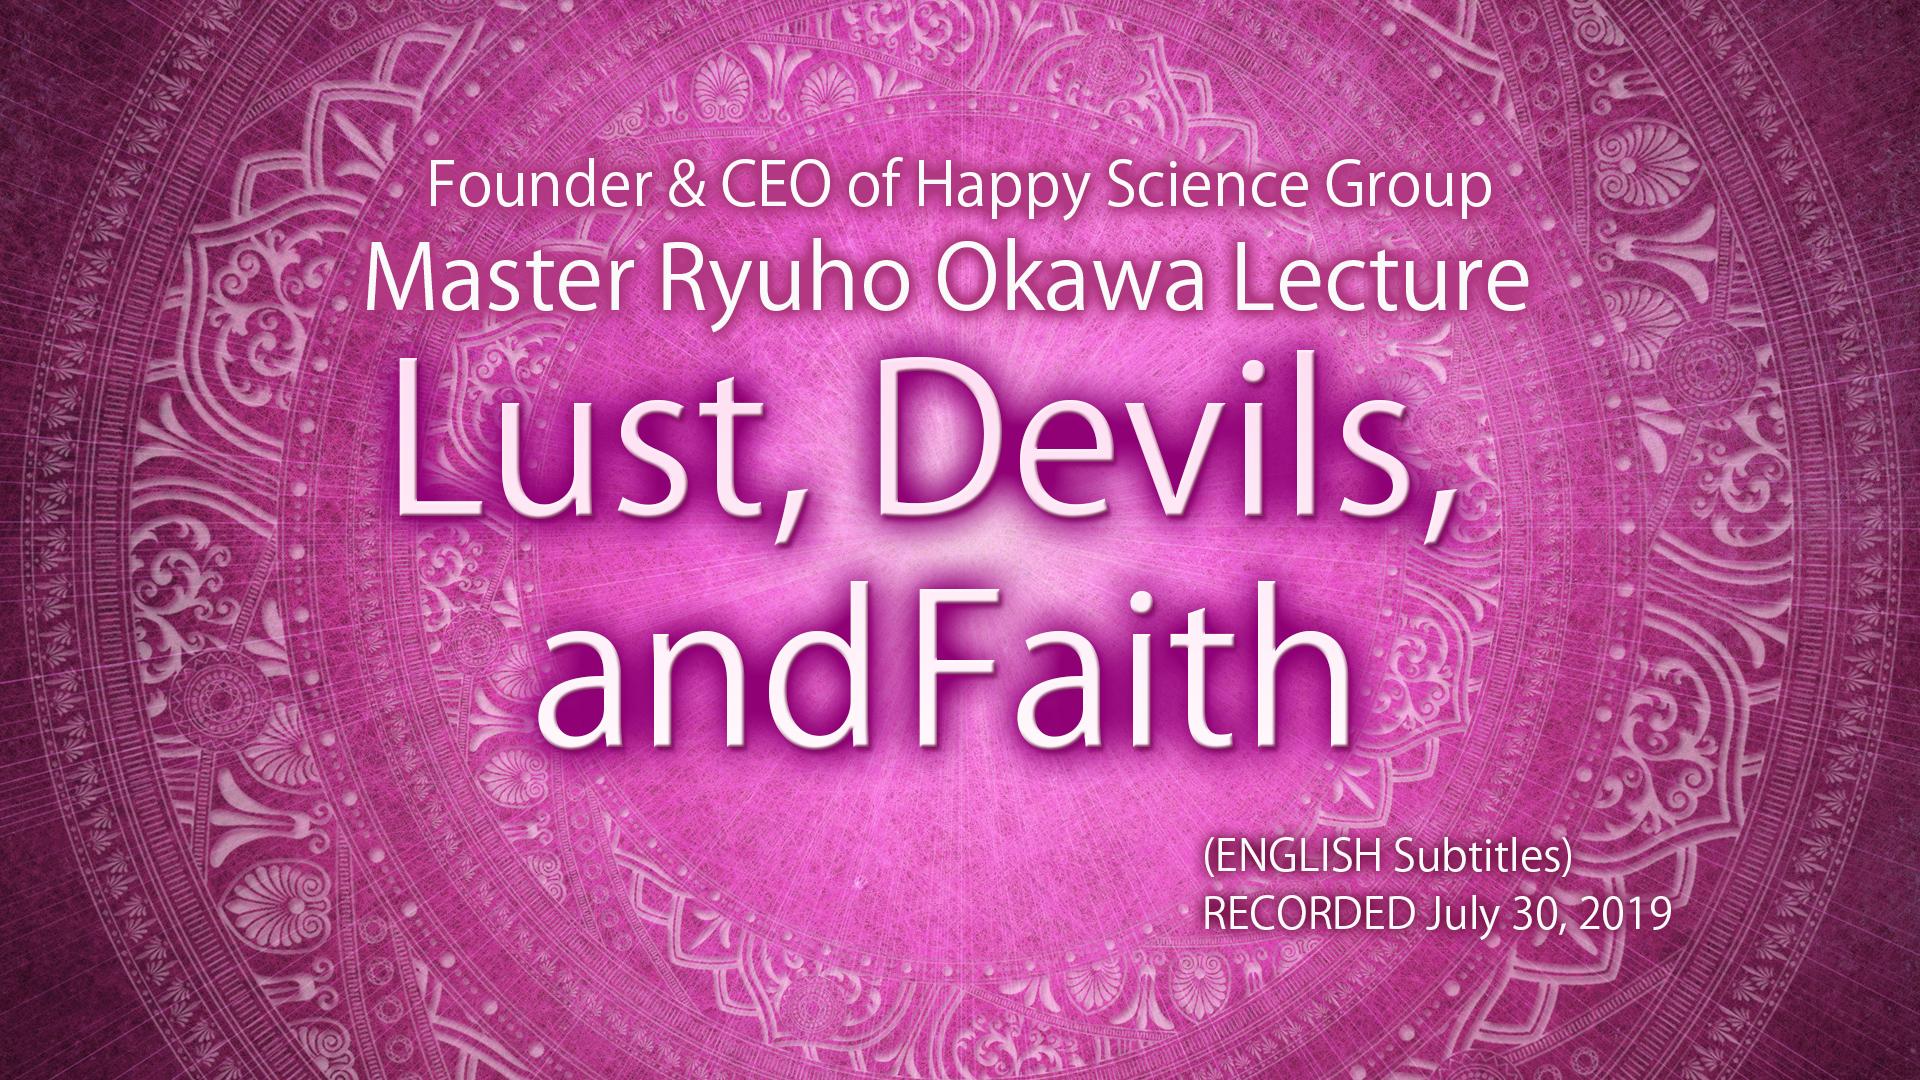 Lust, Devils, and Faith